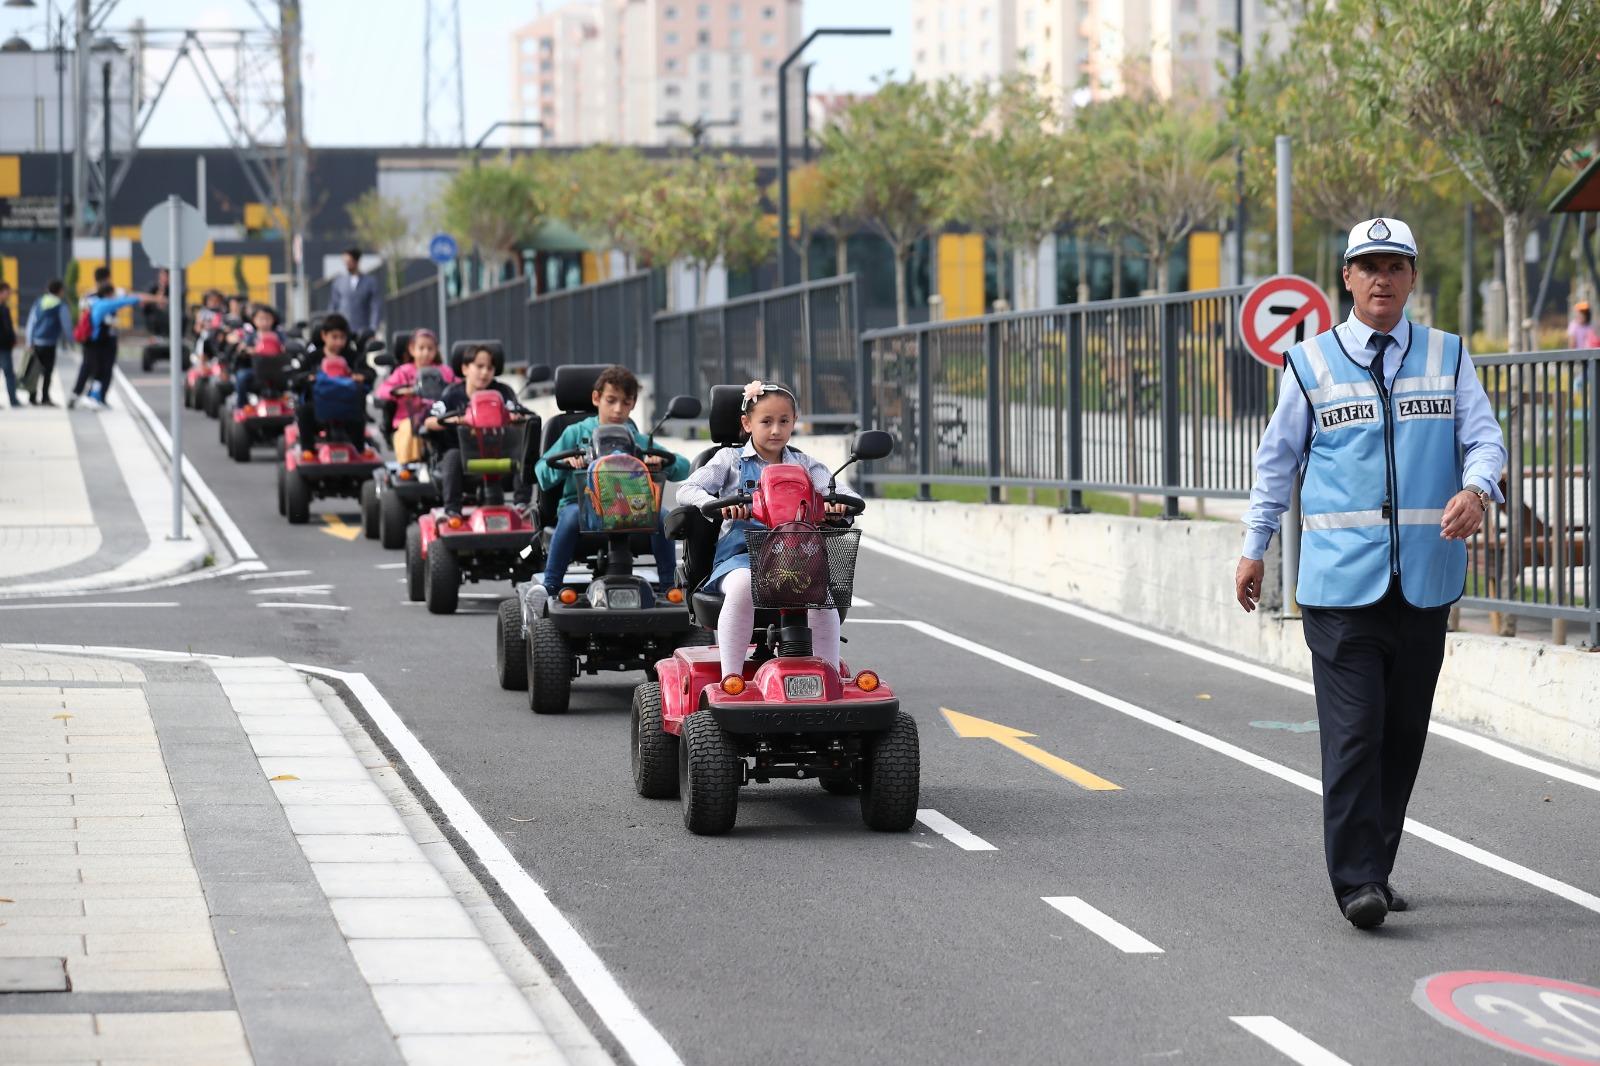 Çocuklar trafik kurallarını eğlenceli ve uygulamalı olarak eğitim araçlarıyla öğreniyor